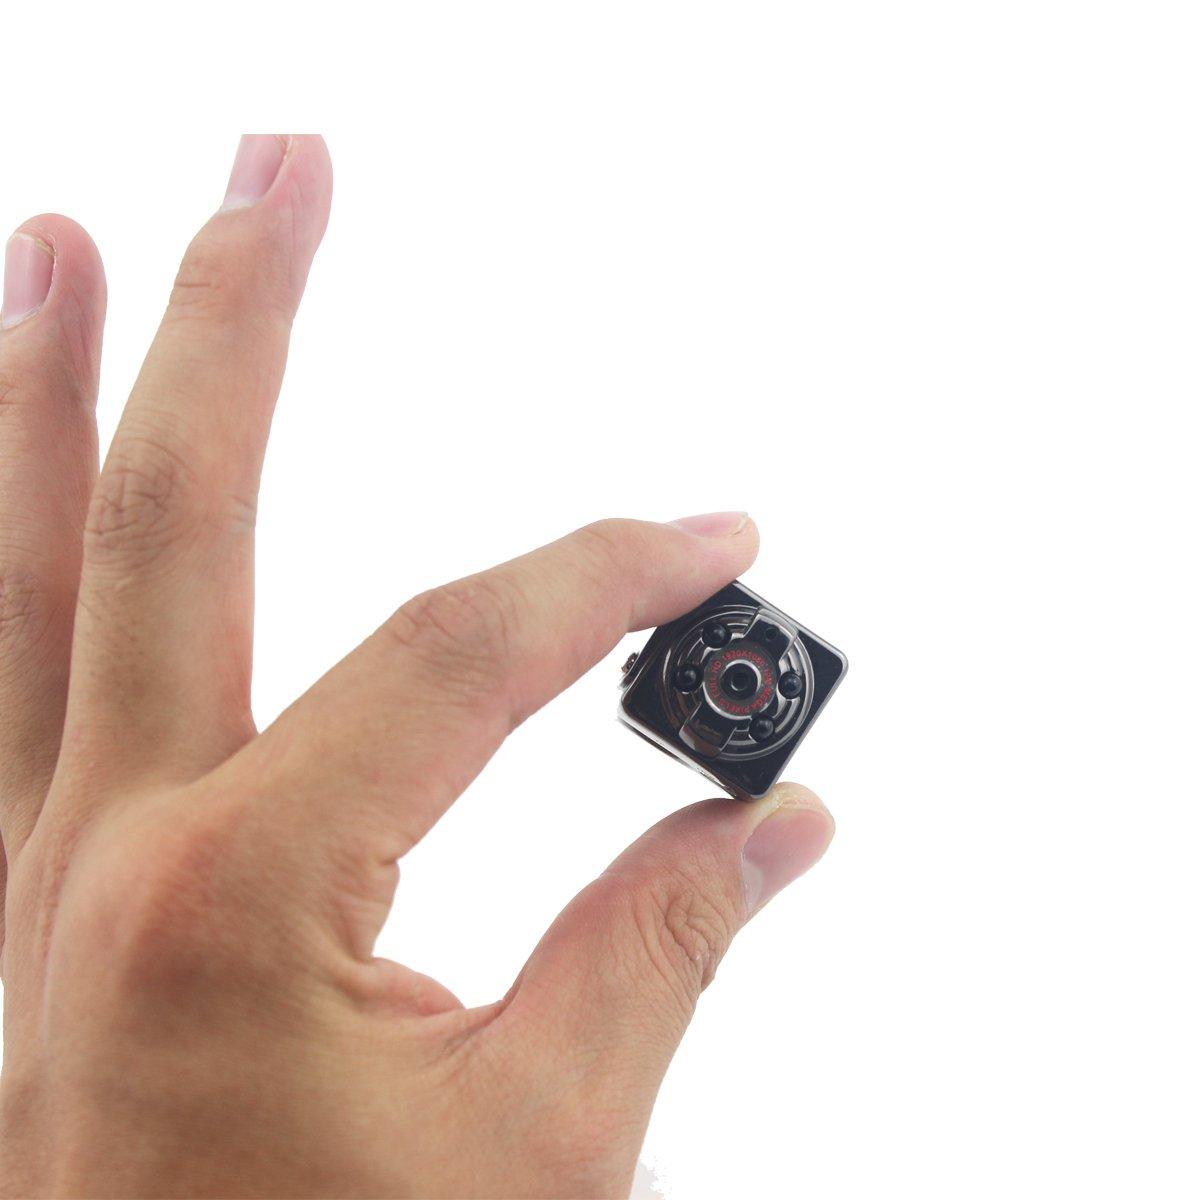 Tangmi 1080P Volle HD Mini Kamera, 12 Million Pixel Überwachungskamera Mit  Bewegungs Abfragung Und InfrarotNachtsicht